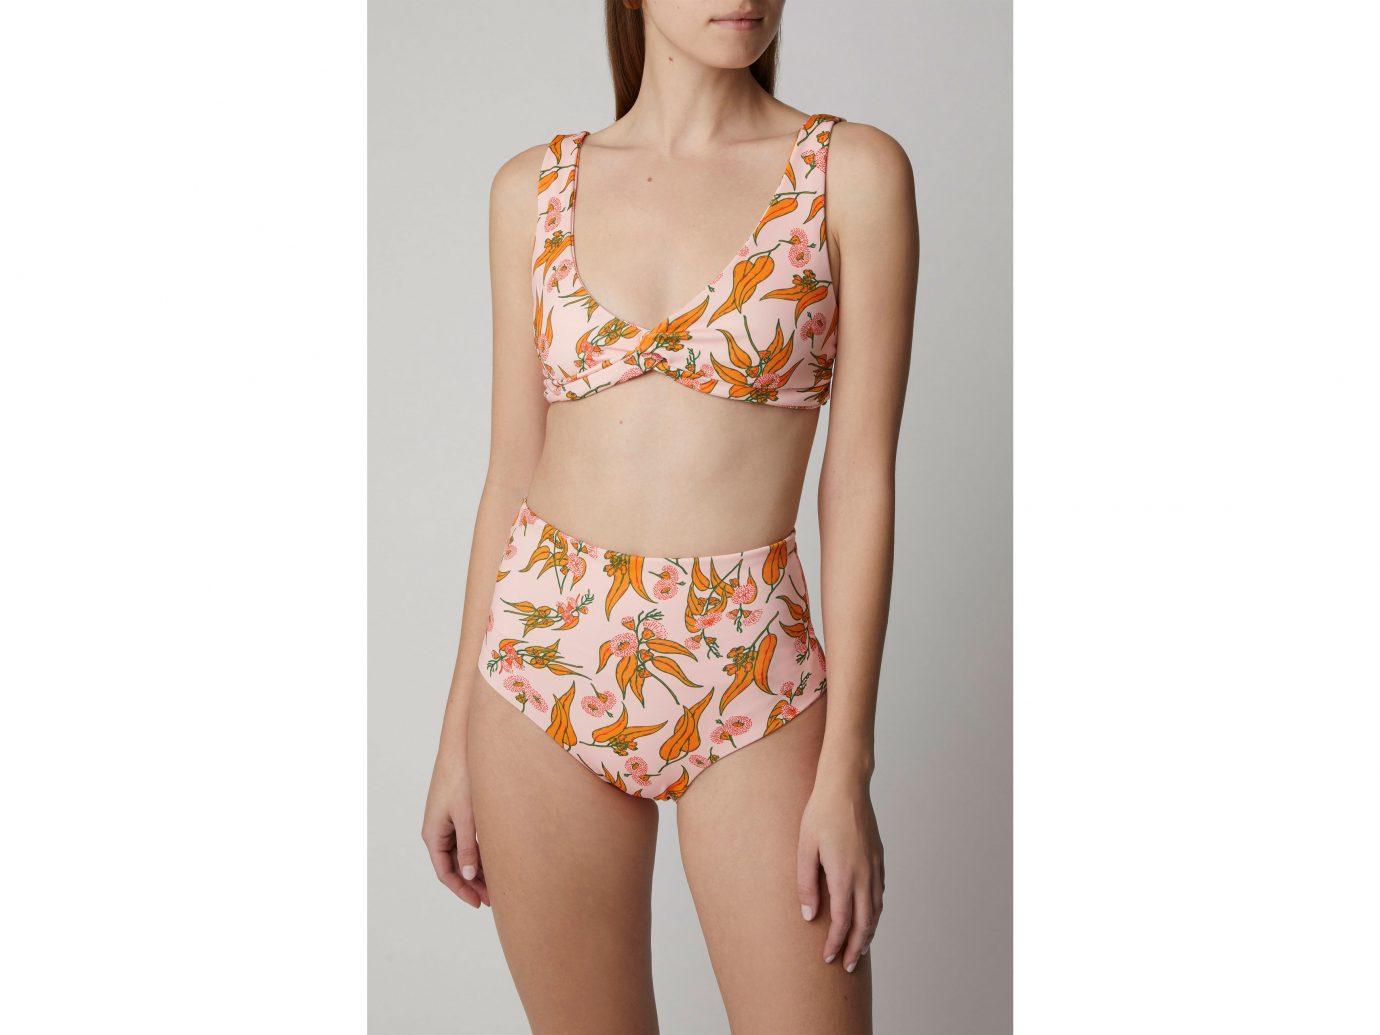 Camp Cove Lena Twist Bikini Top and Katie High-Waisted Bikini Briefs